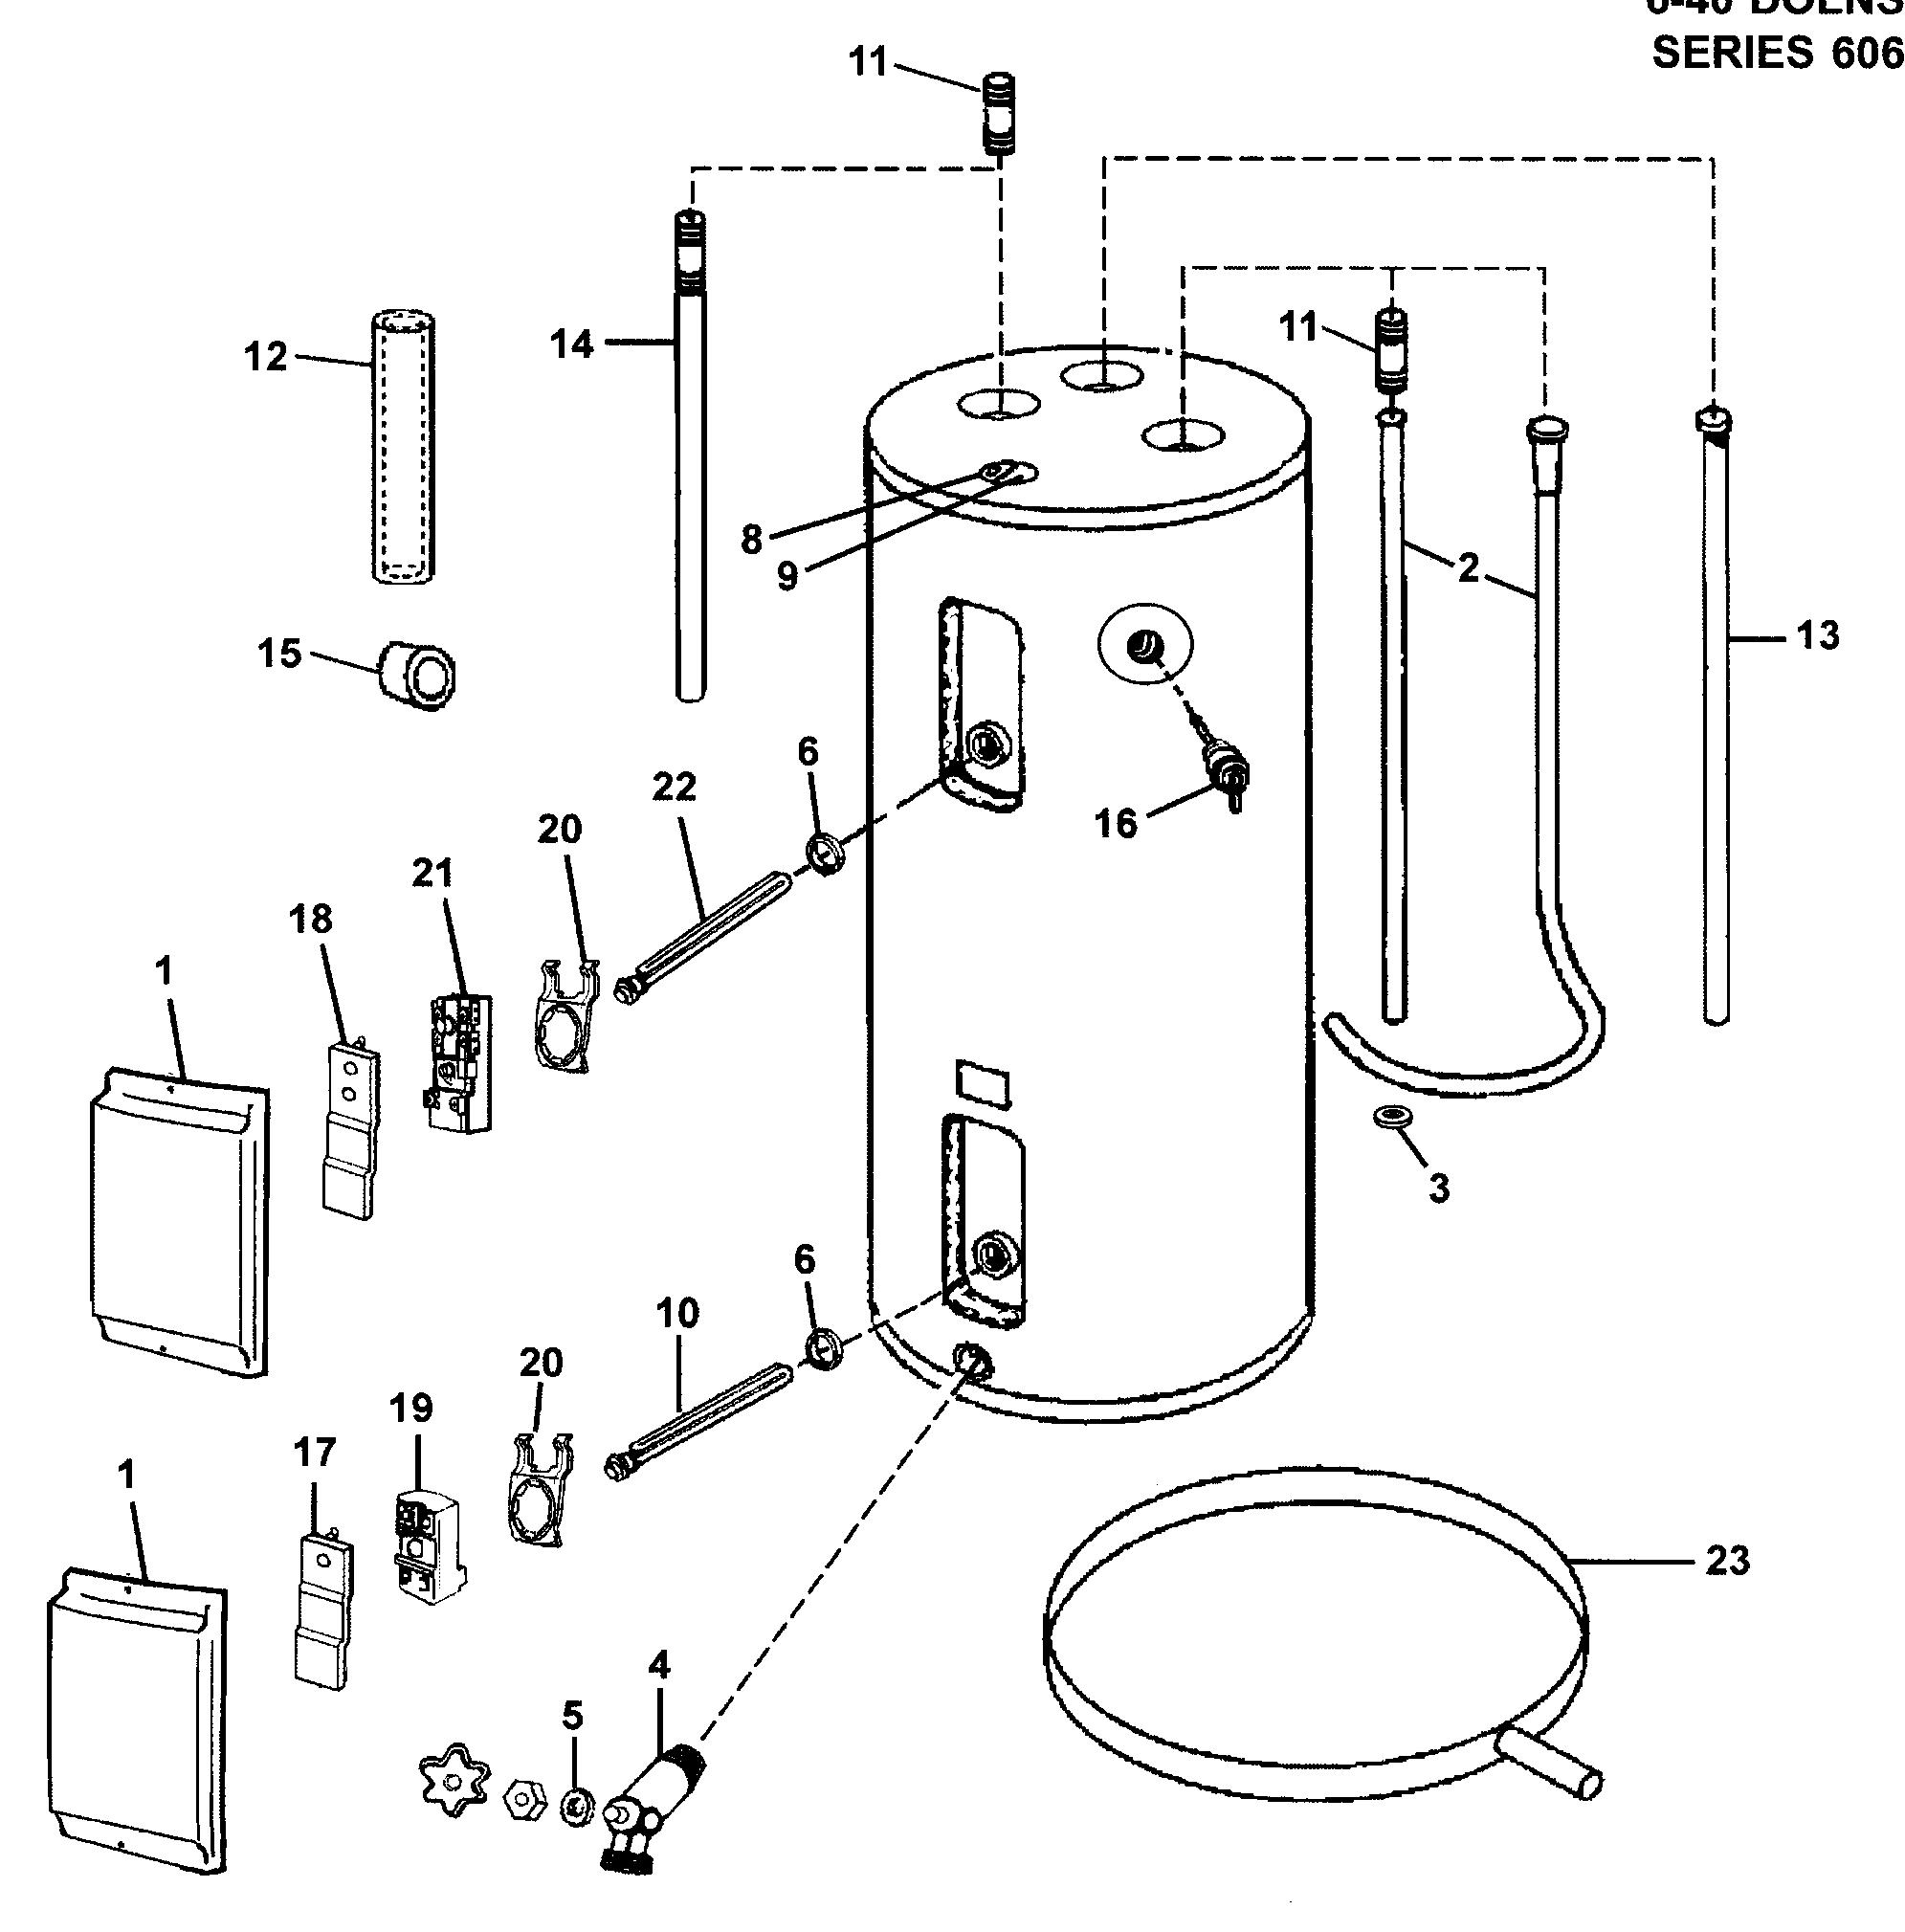 rheem heat wiring diagram free picture schematic [ 1991 x 2019 Pixel ]